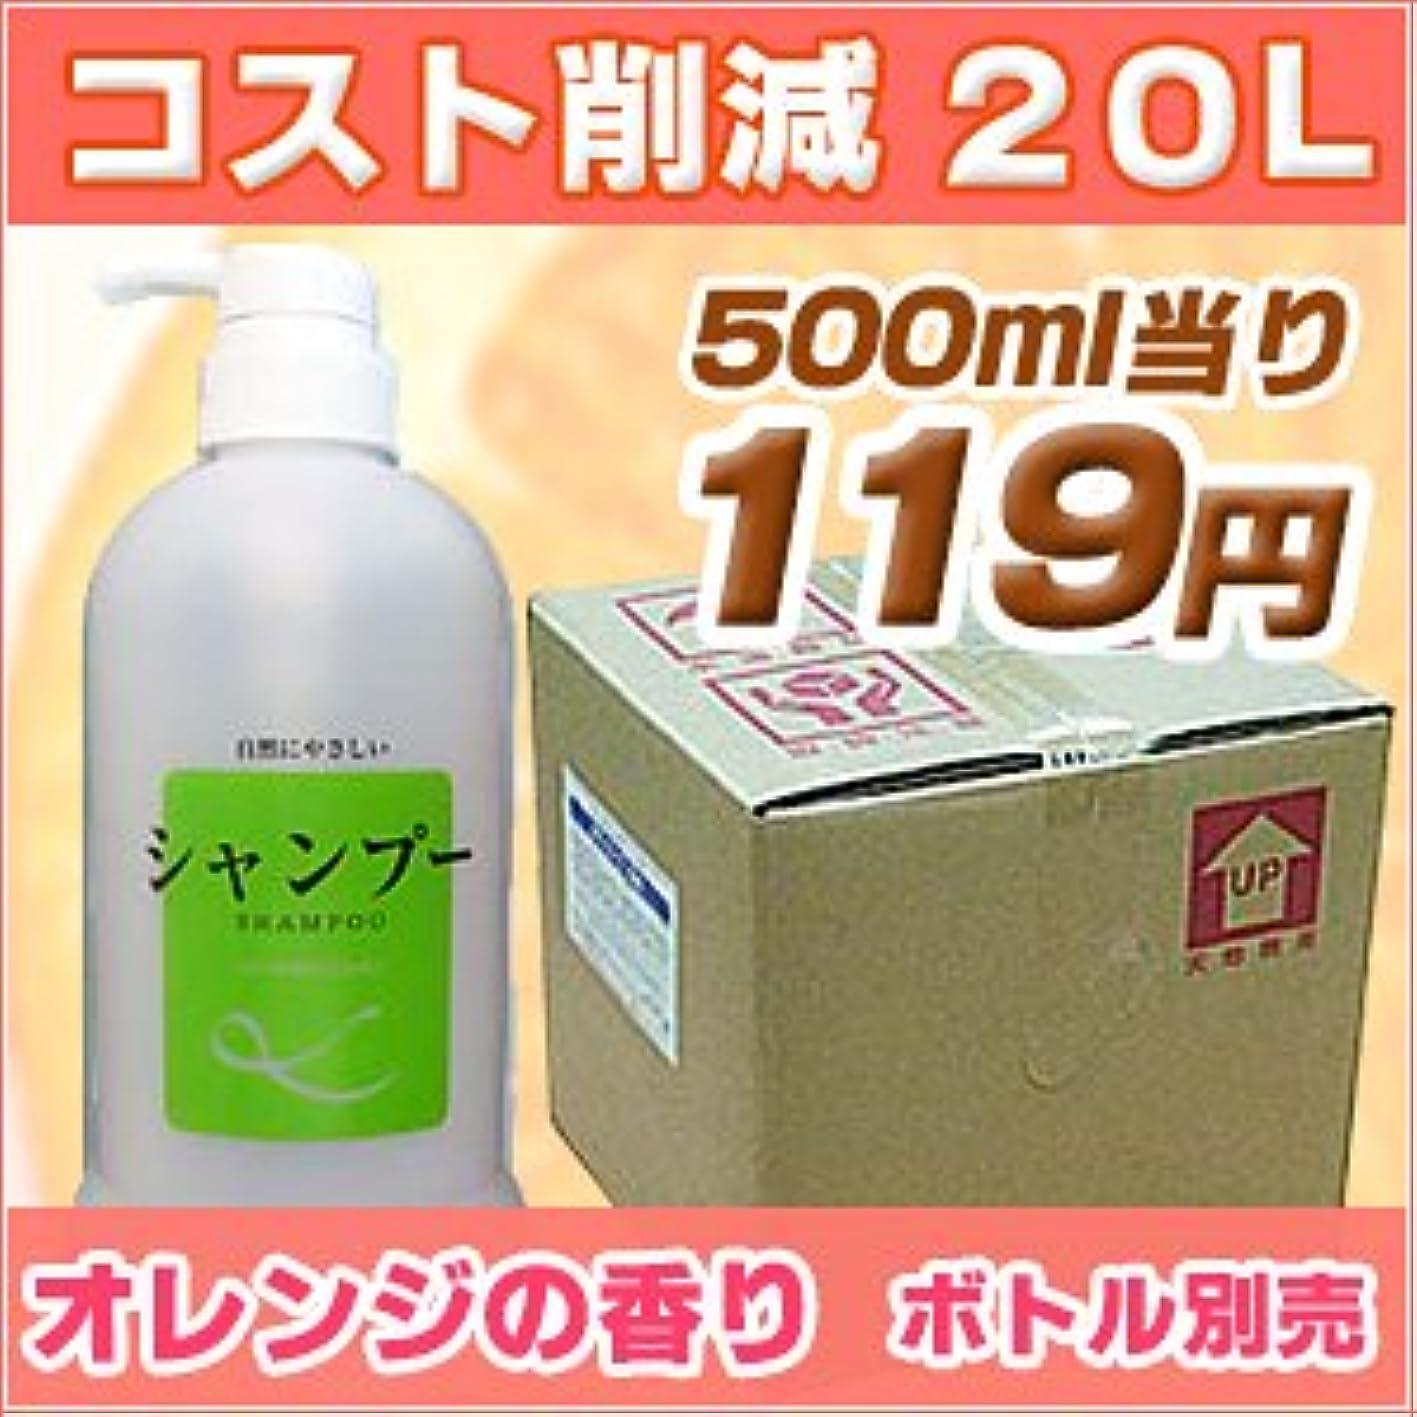 下るサンダース人間業務用 シャンプー Windhill 植物性オレンジの香り 20L(1セット20L入)